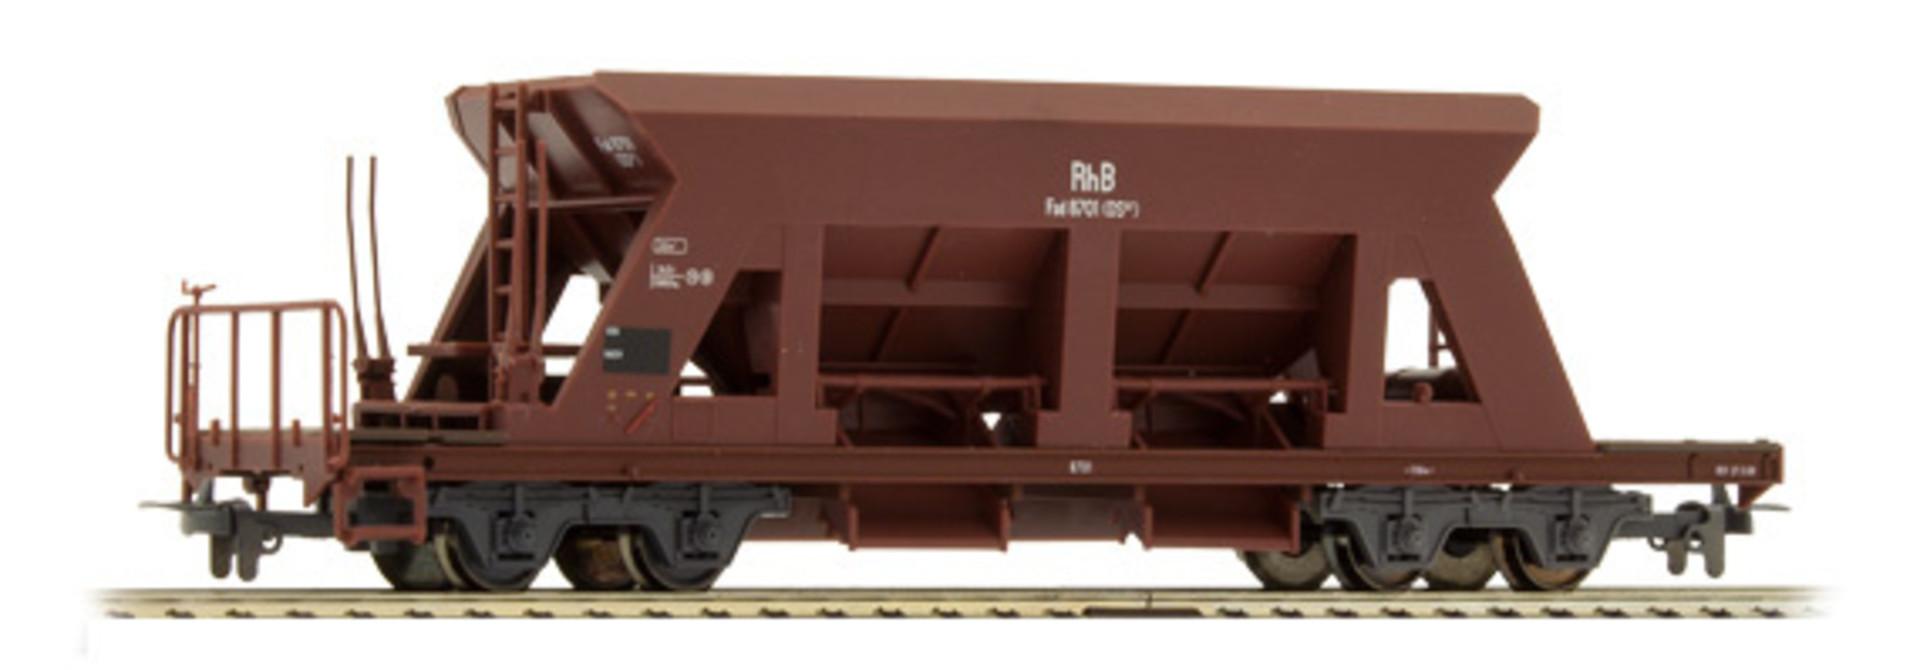 2287100 RhB Fad 8701 (OS 6t) Schotterwagen 70er Jahre